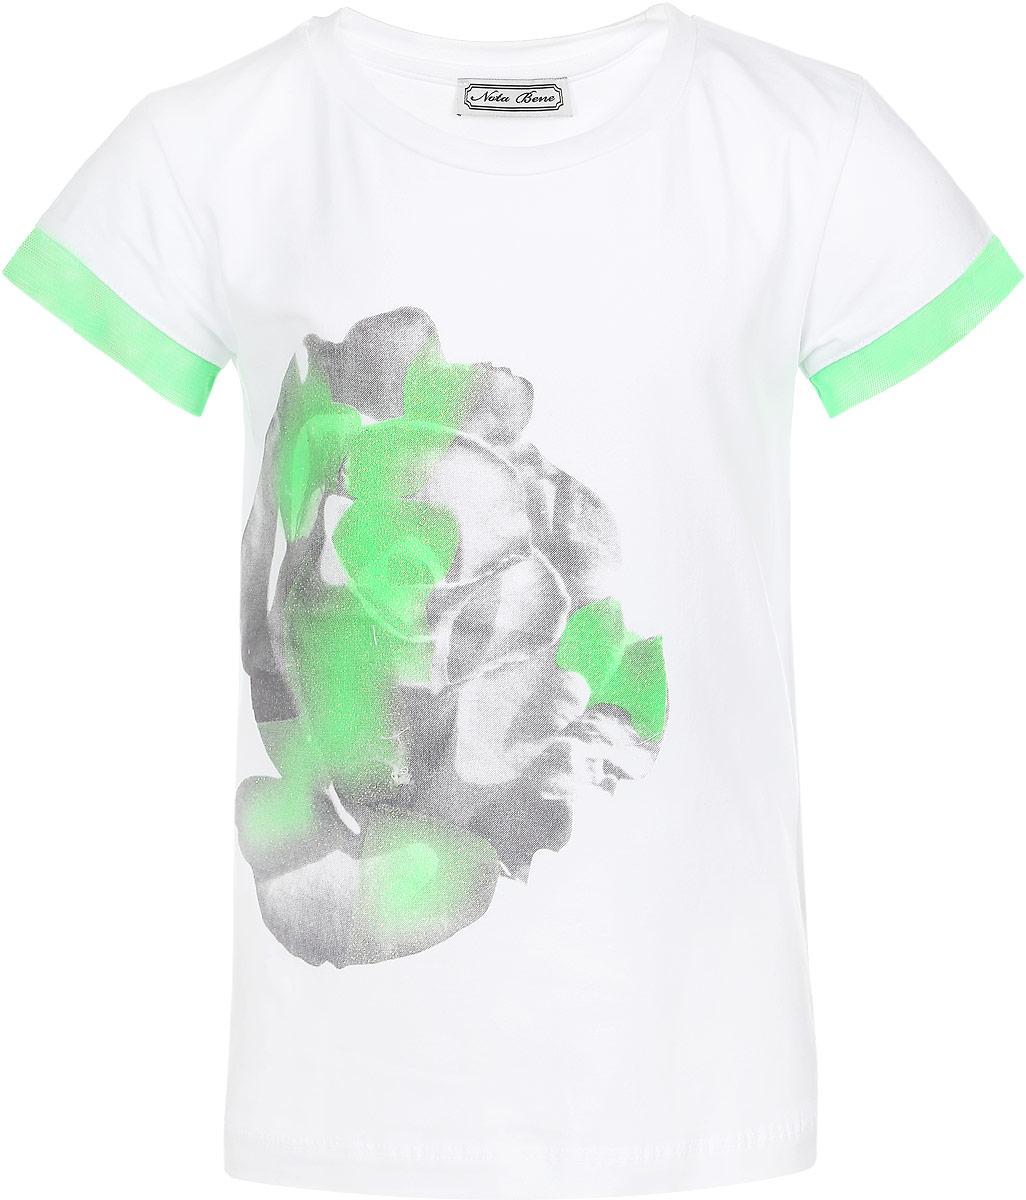 Футболка для девочки Nota Bene, цвет: белый, зеленый. SS162G285-1. Размер 164SS162G285-1Удобная и практичная футболка для девочки Nota Bene идеально подойдет вашей малышке. Изготовленная из эластичного хлопка, она невероятно мягкая и приятная на ощупь, великолепно тянется и превосходно пропускает воздух, благодаря чему идеально подойдет для активных игр и повседневной носки. Футболка с короткими рукавами и круглым вырезом горловины украшена контрастной окантовкой на рукавах из микросетки. Модель декорирована принтом с изображением розы и блестящим напылением. Оригинальный современный дизайн и модная расцветка делают эту футболку модным и стильным предметом детского гардероба. В ней ваша маленькая модница будет чувствовать себя уютно и комфортно, и всегда будет в центре внимания!